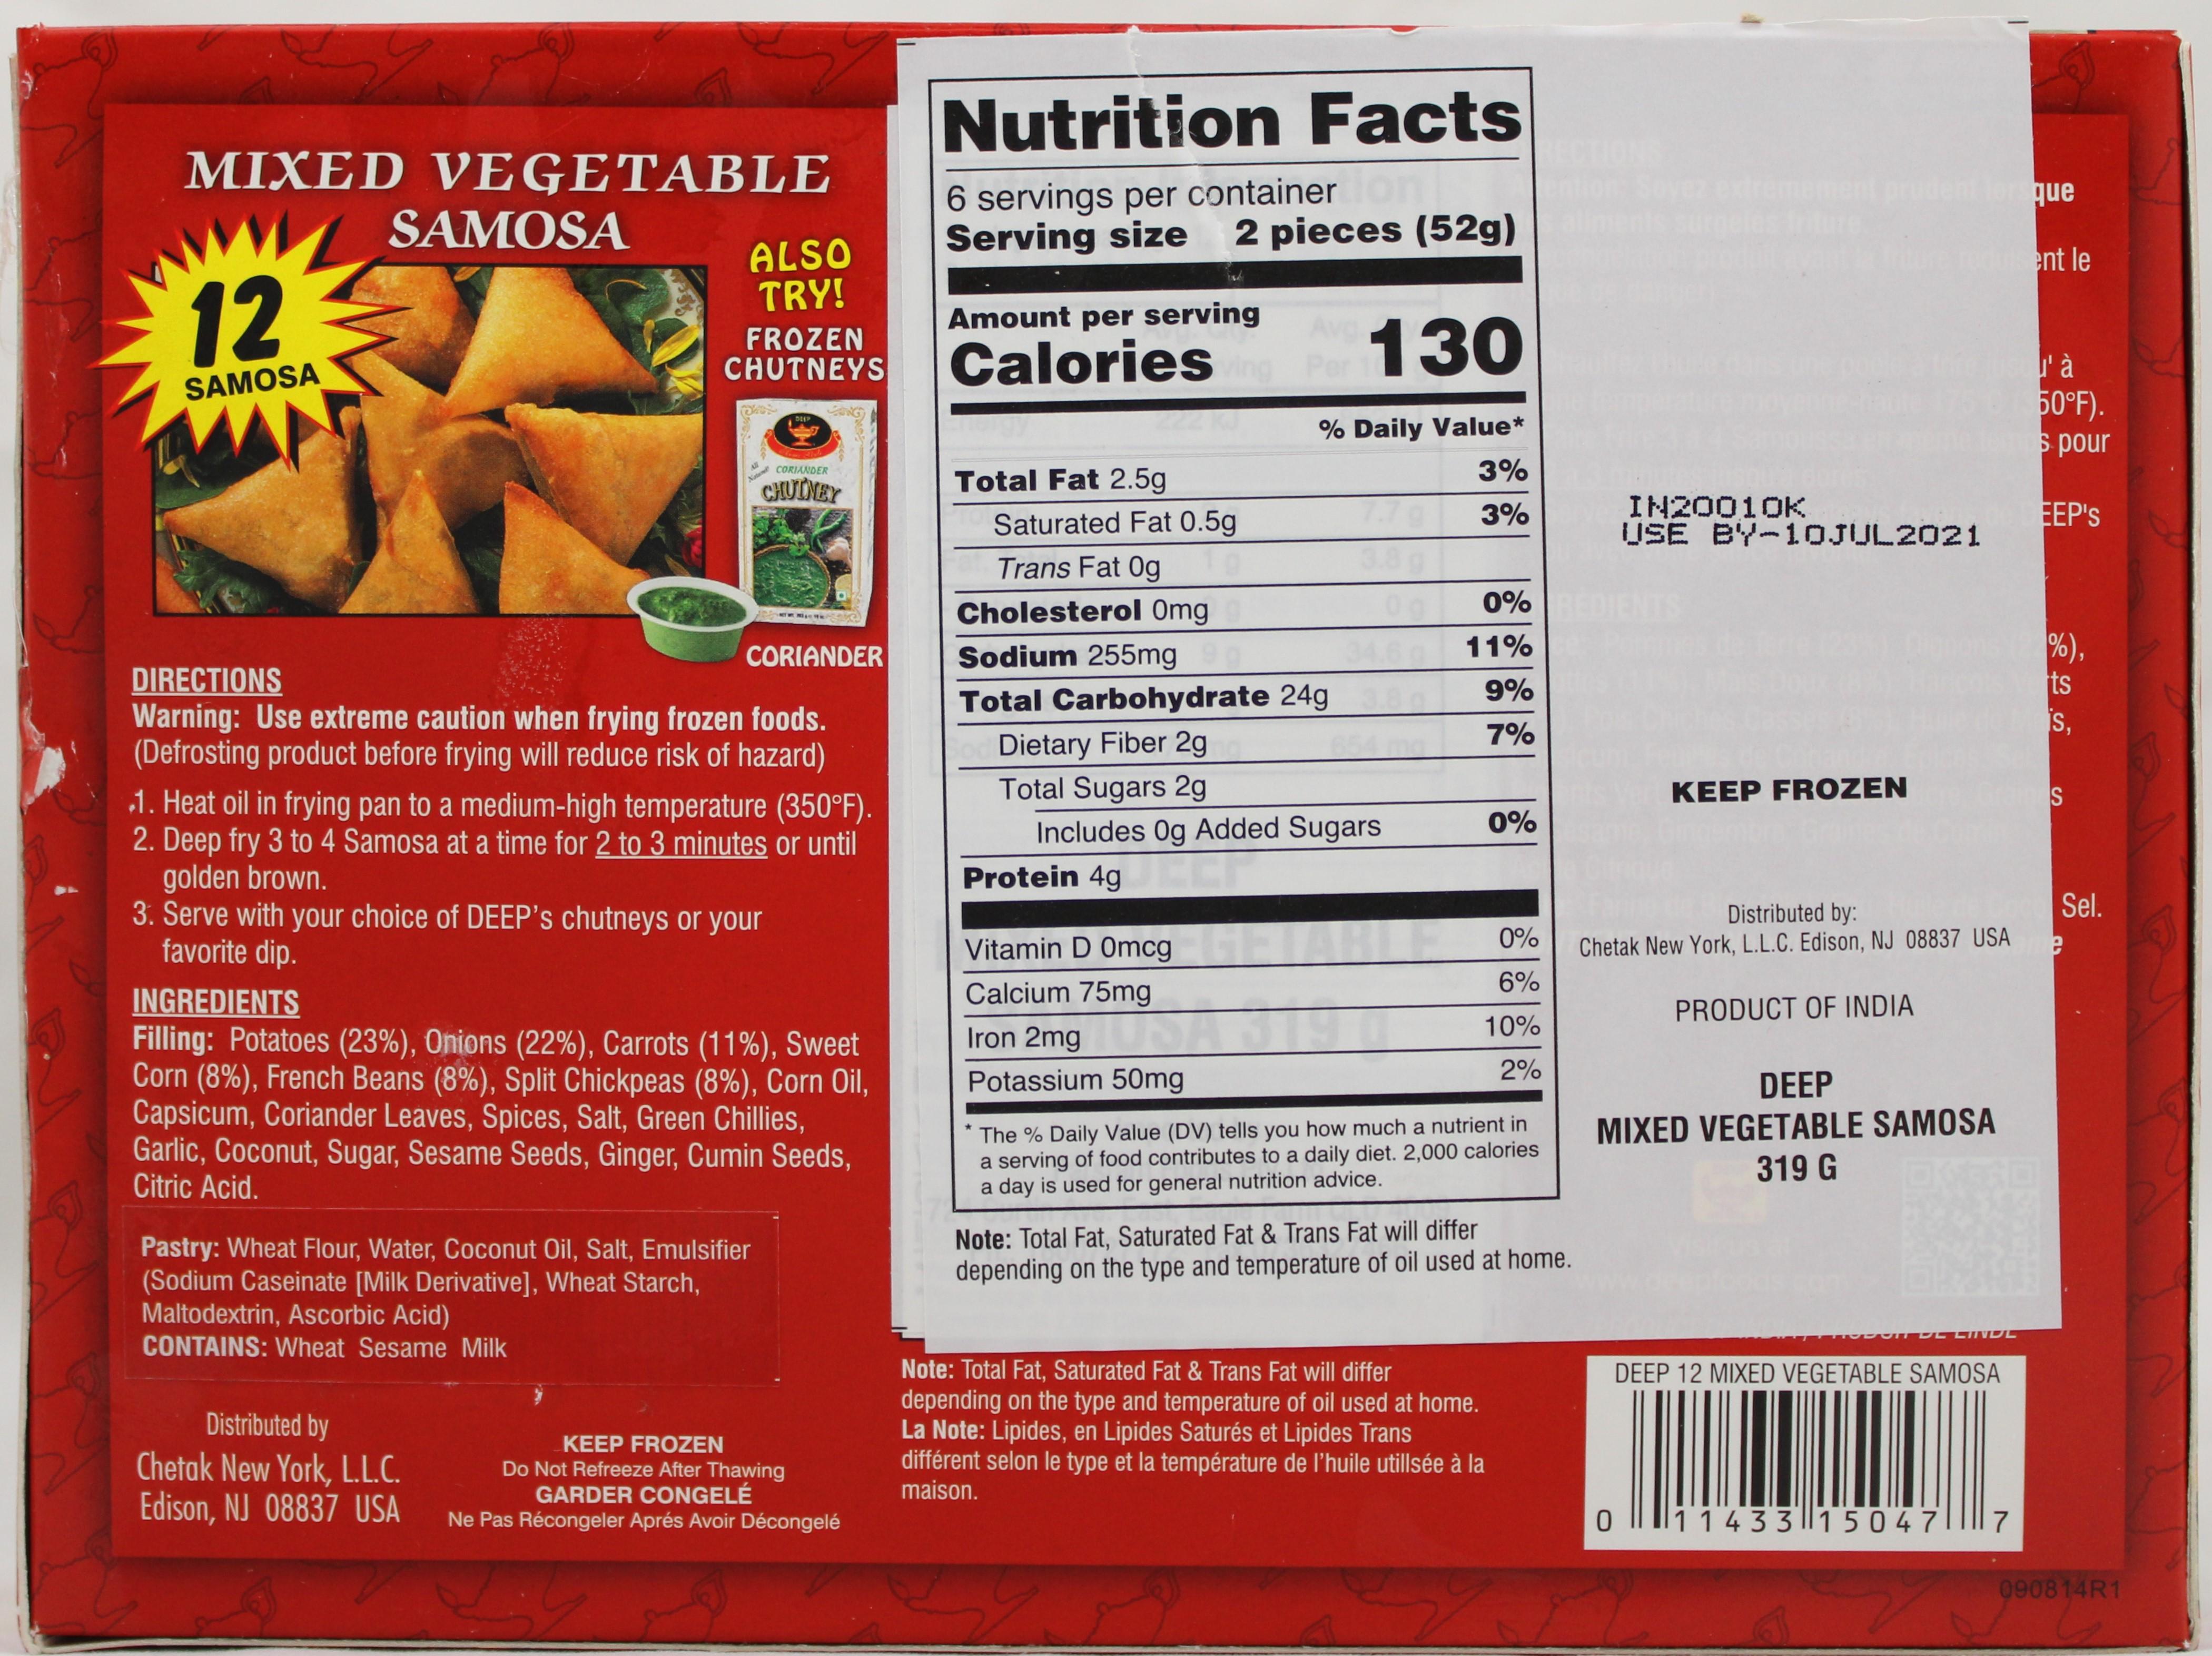 Mixed Vegetable Samosa 12p-11.25oz